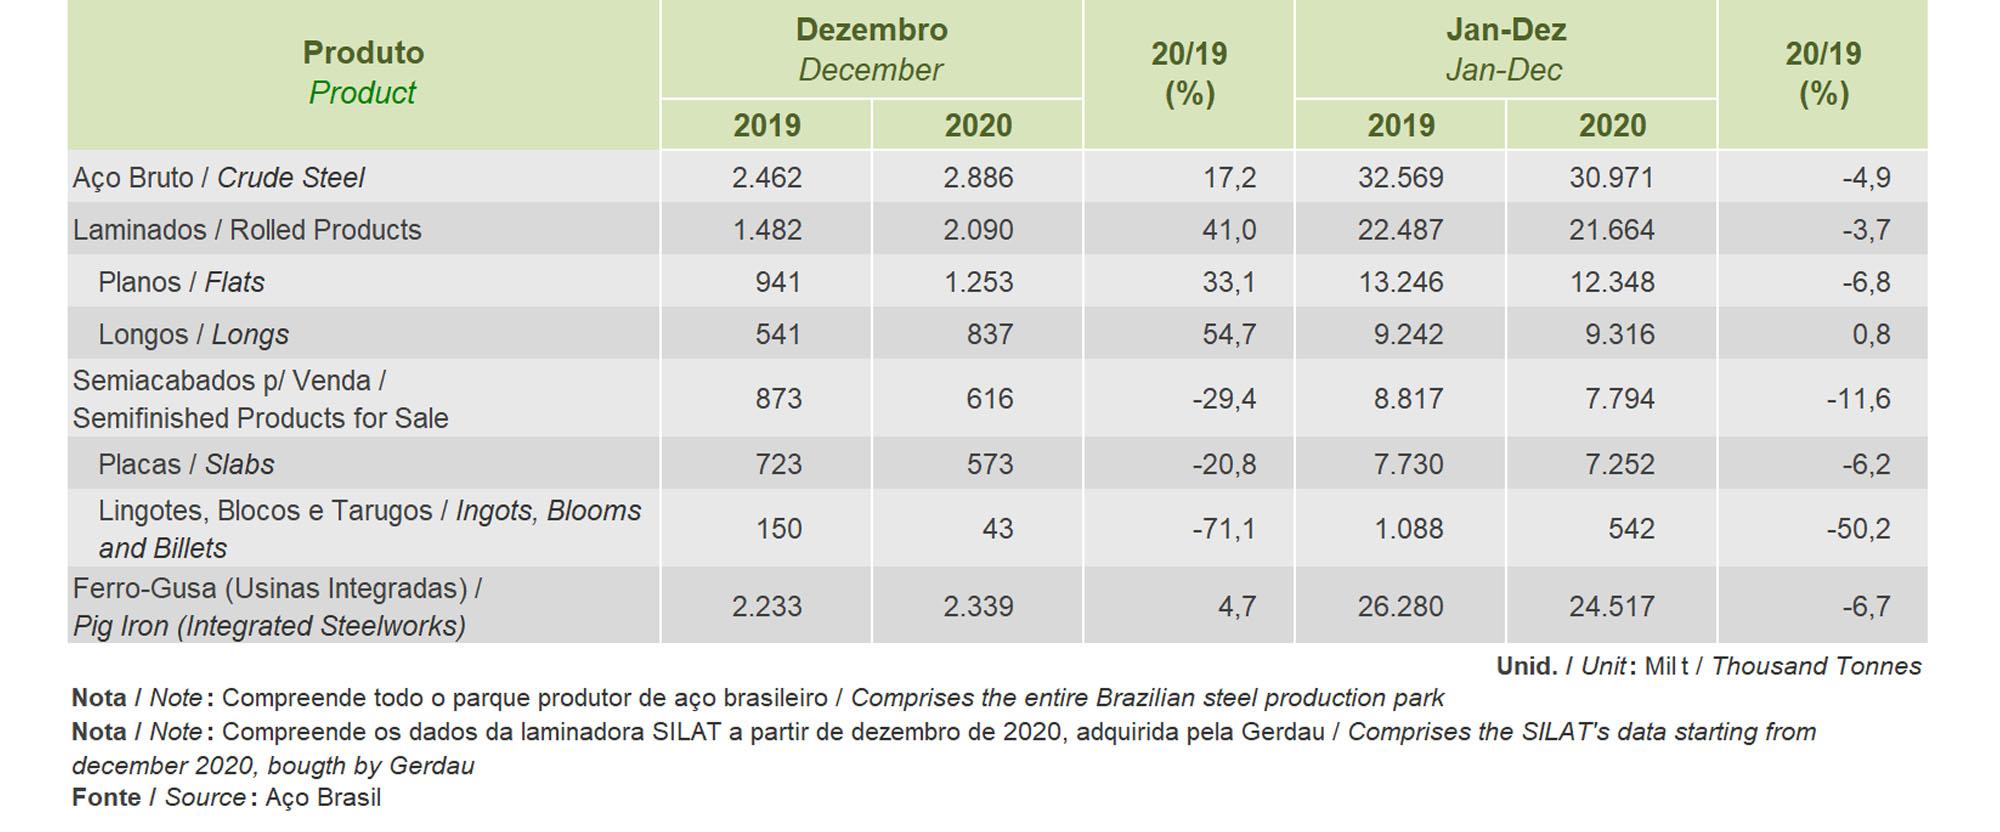 Dezembro 2020 - PRODUÇÃO SIDERÚRGICA BRASILEIRA